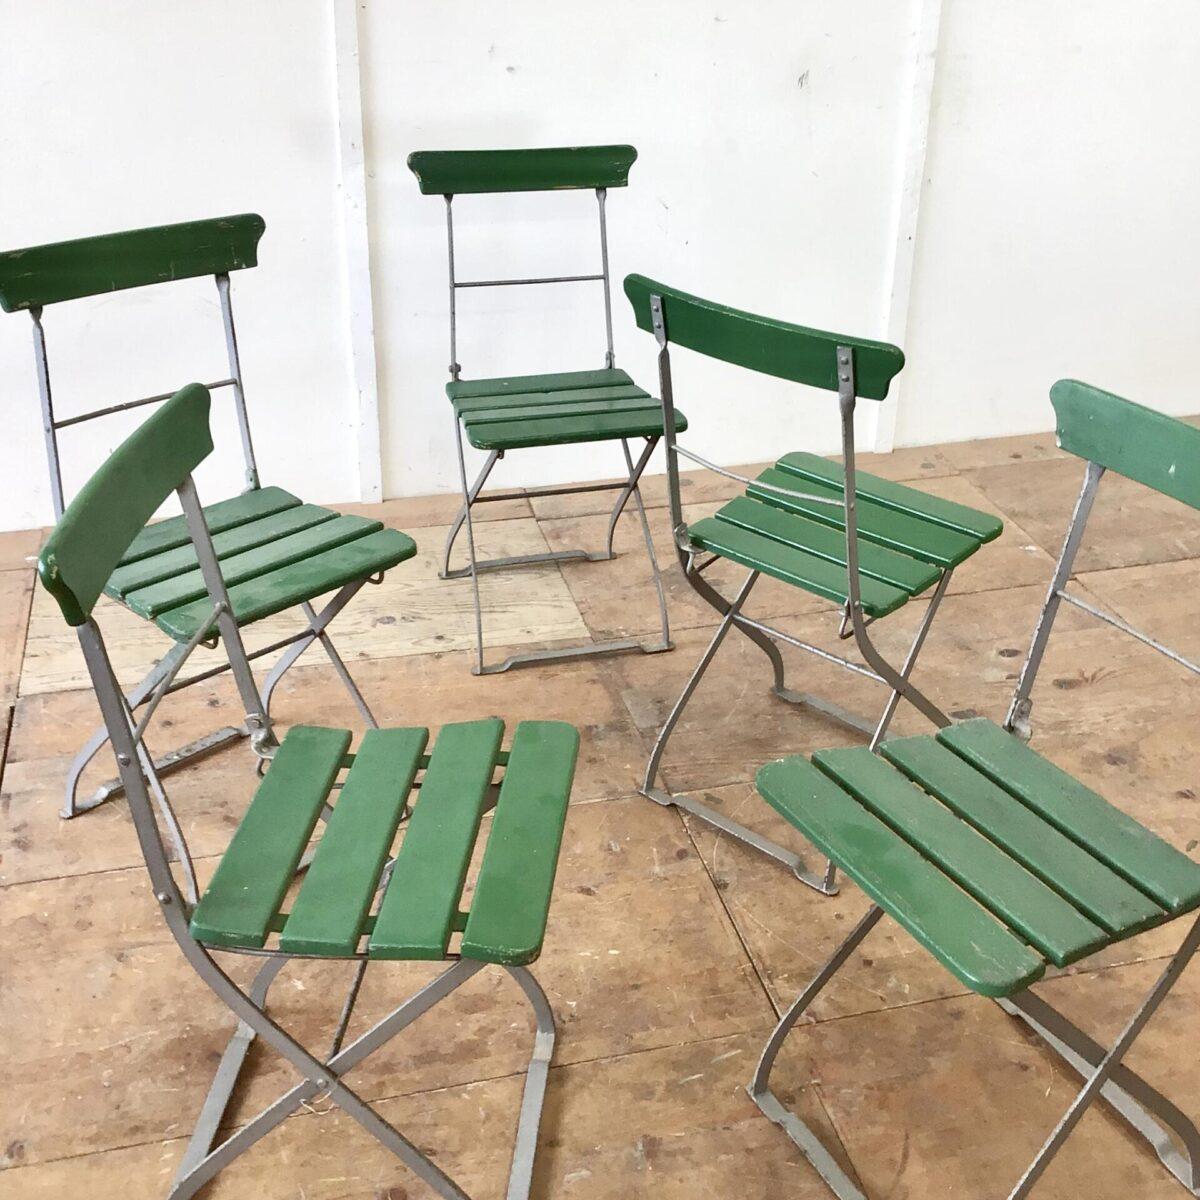 5 alte Biergartenstühle klappbar. Preis pro Stuhl. Farbe teilweise schon etwas abgenutzt, die Holzlatten sind jedoch in gesundem guten Zustand.